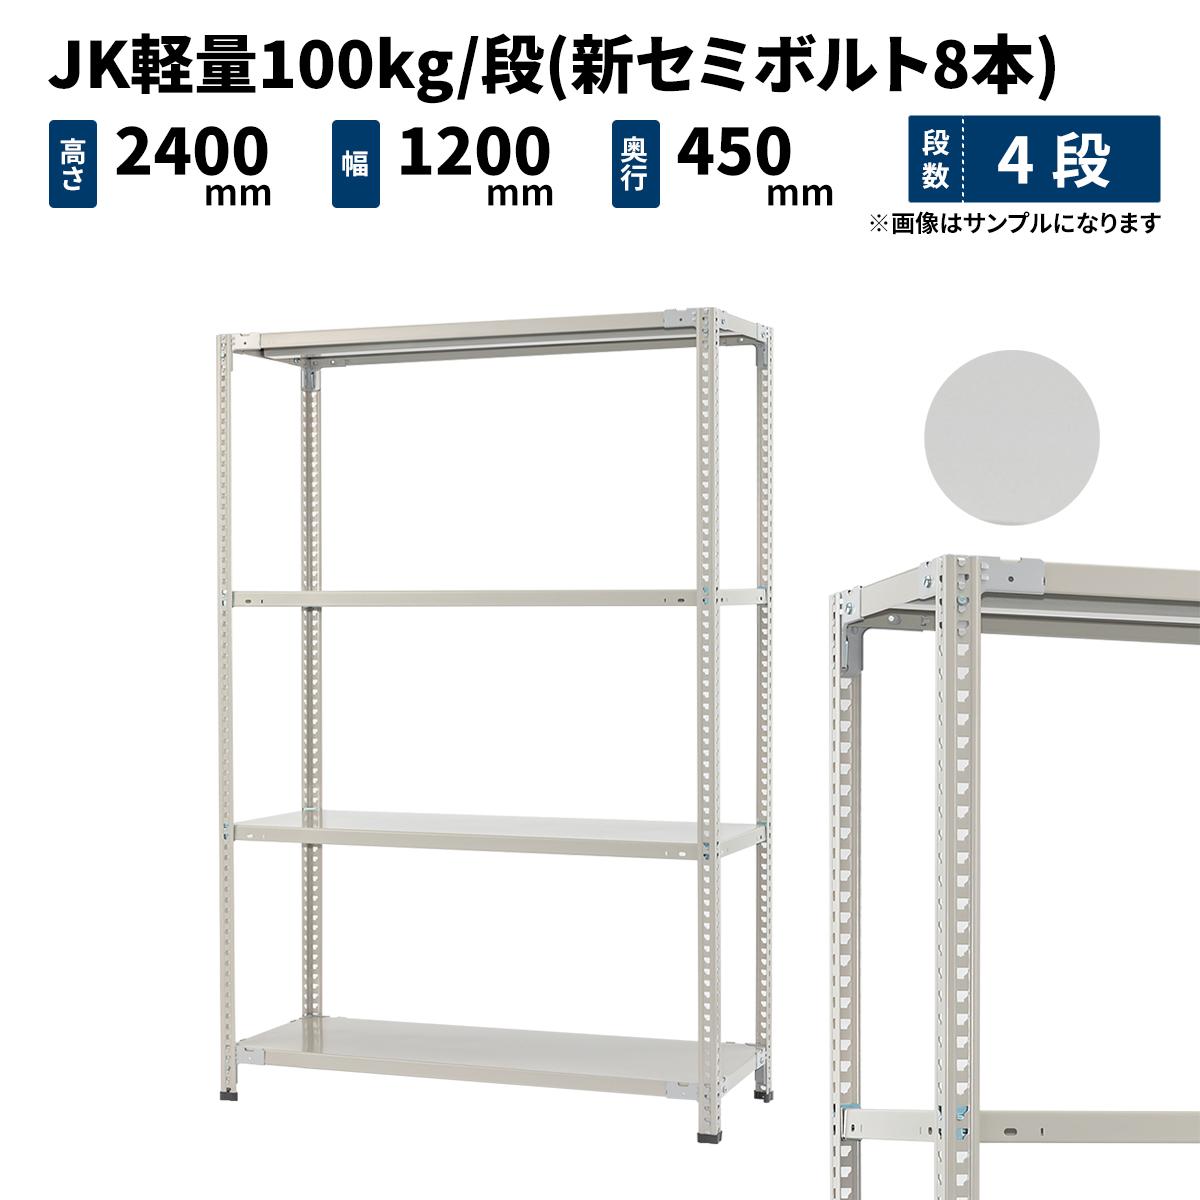 スチールラック 業務用 JK軽量100kg/段(新セミボルト8本) 高さ2400×幅1200×奥行450mm 4段 ホワイトグレー (40kg) JK100NT-241245-4